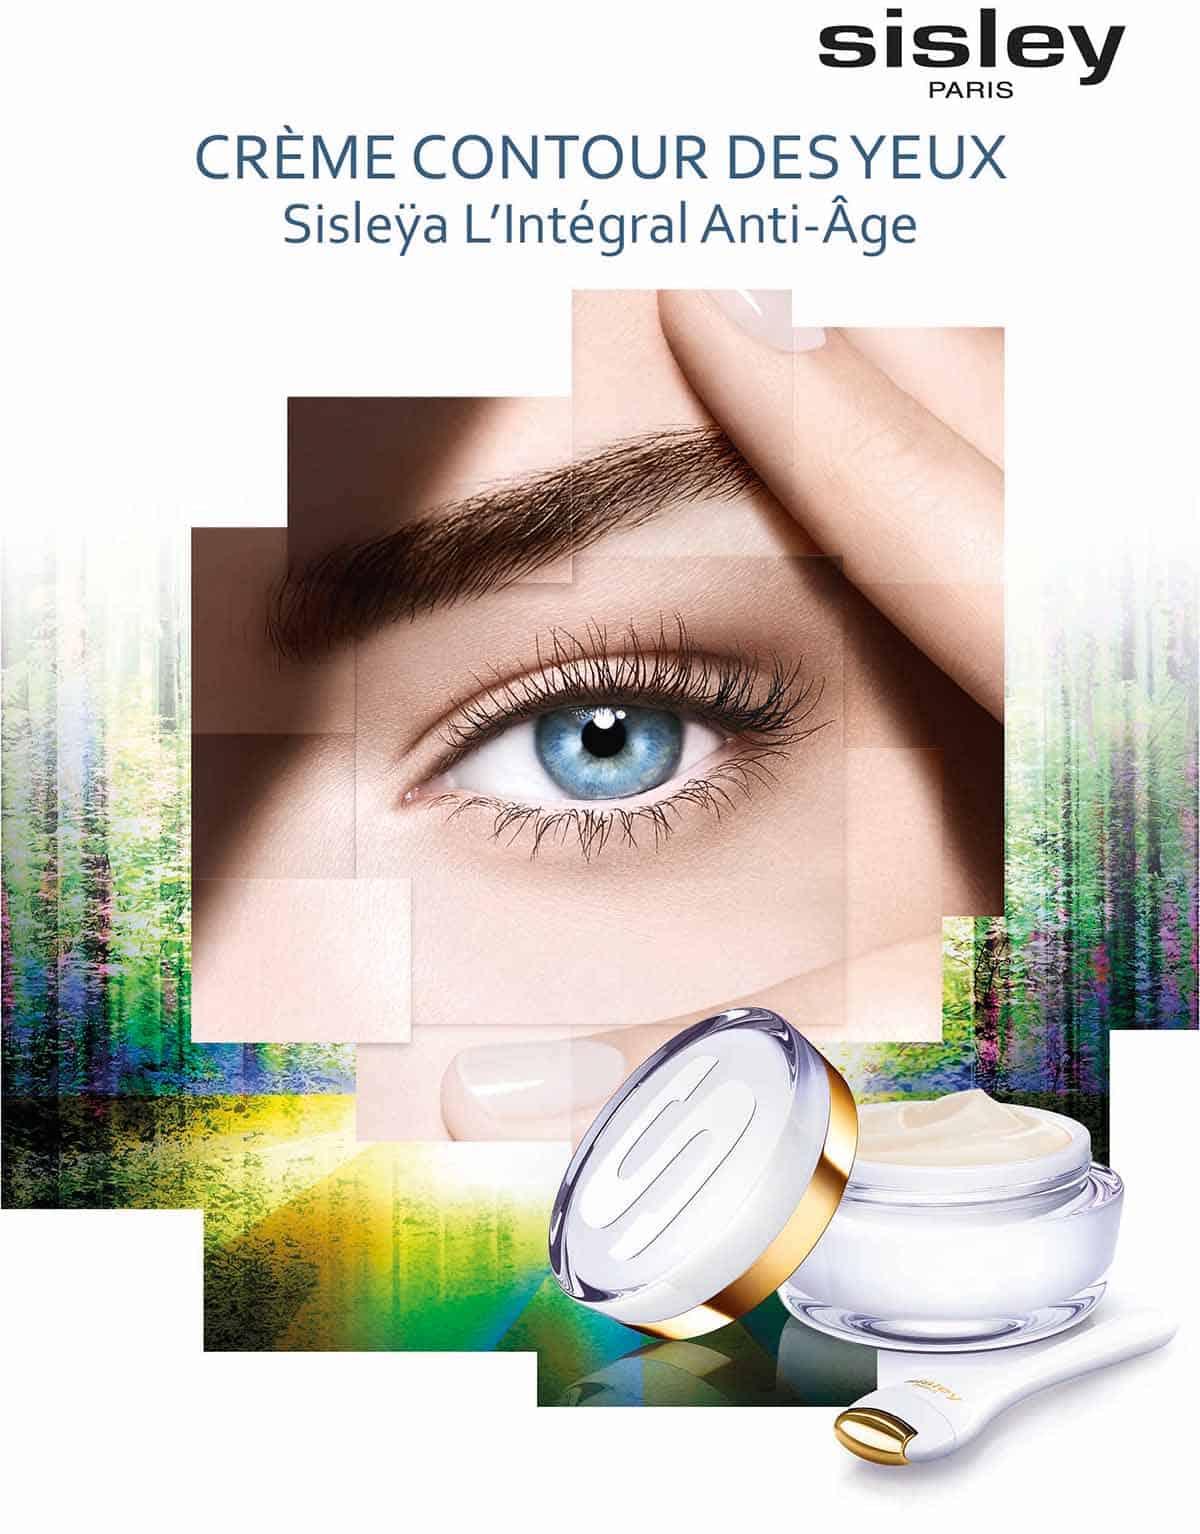 Da Sisley quattro trattamenti anti-âge dall'azione sinergica